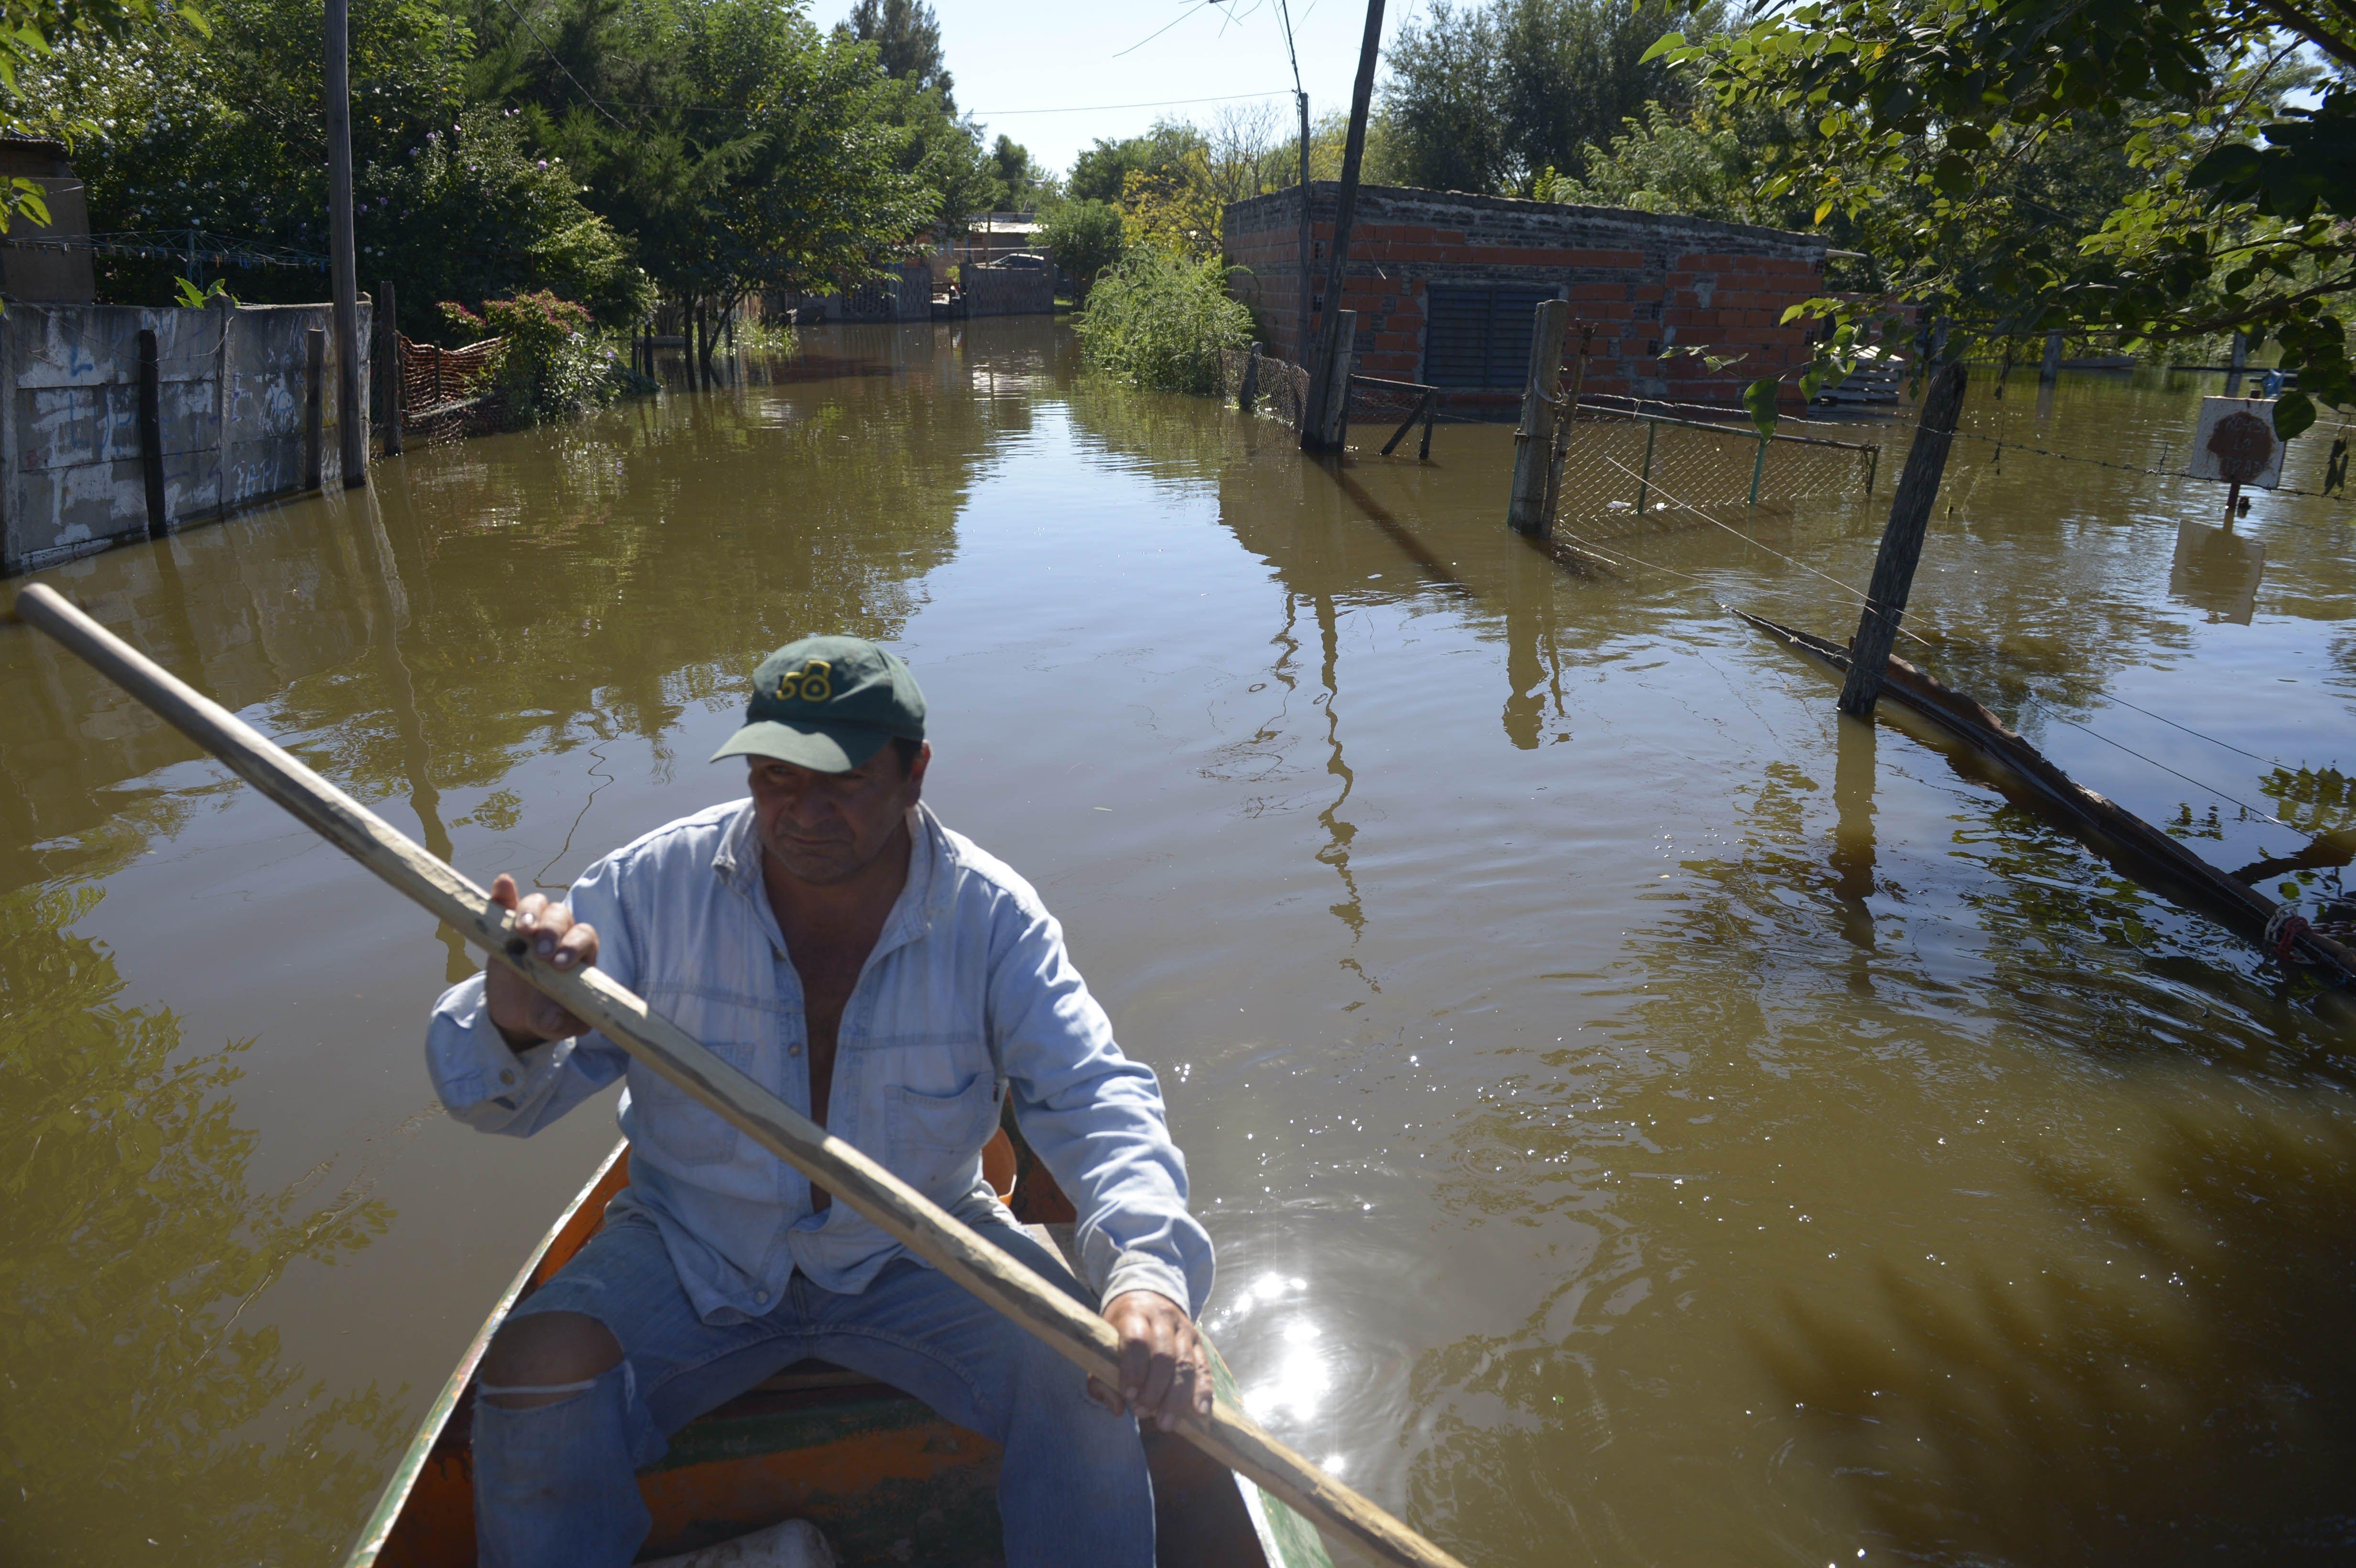 La situación en el barrio Formoseño se complicó aún más y siguen las evacuaciones.